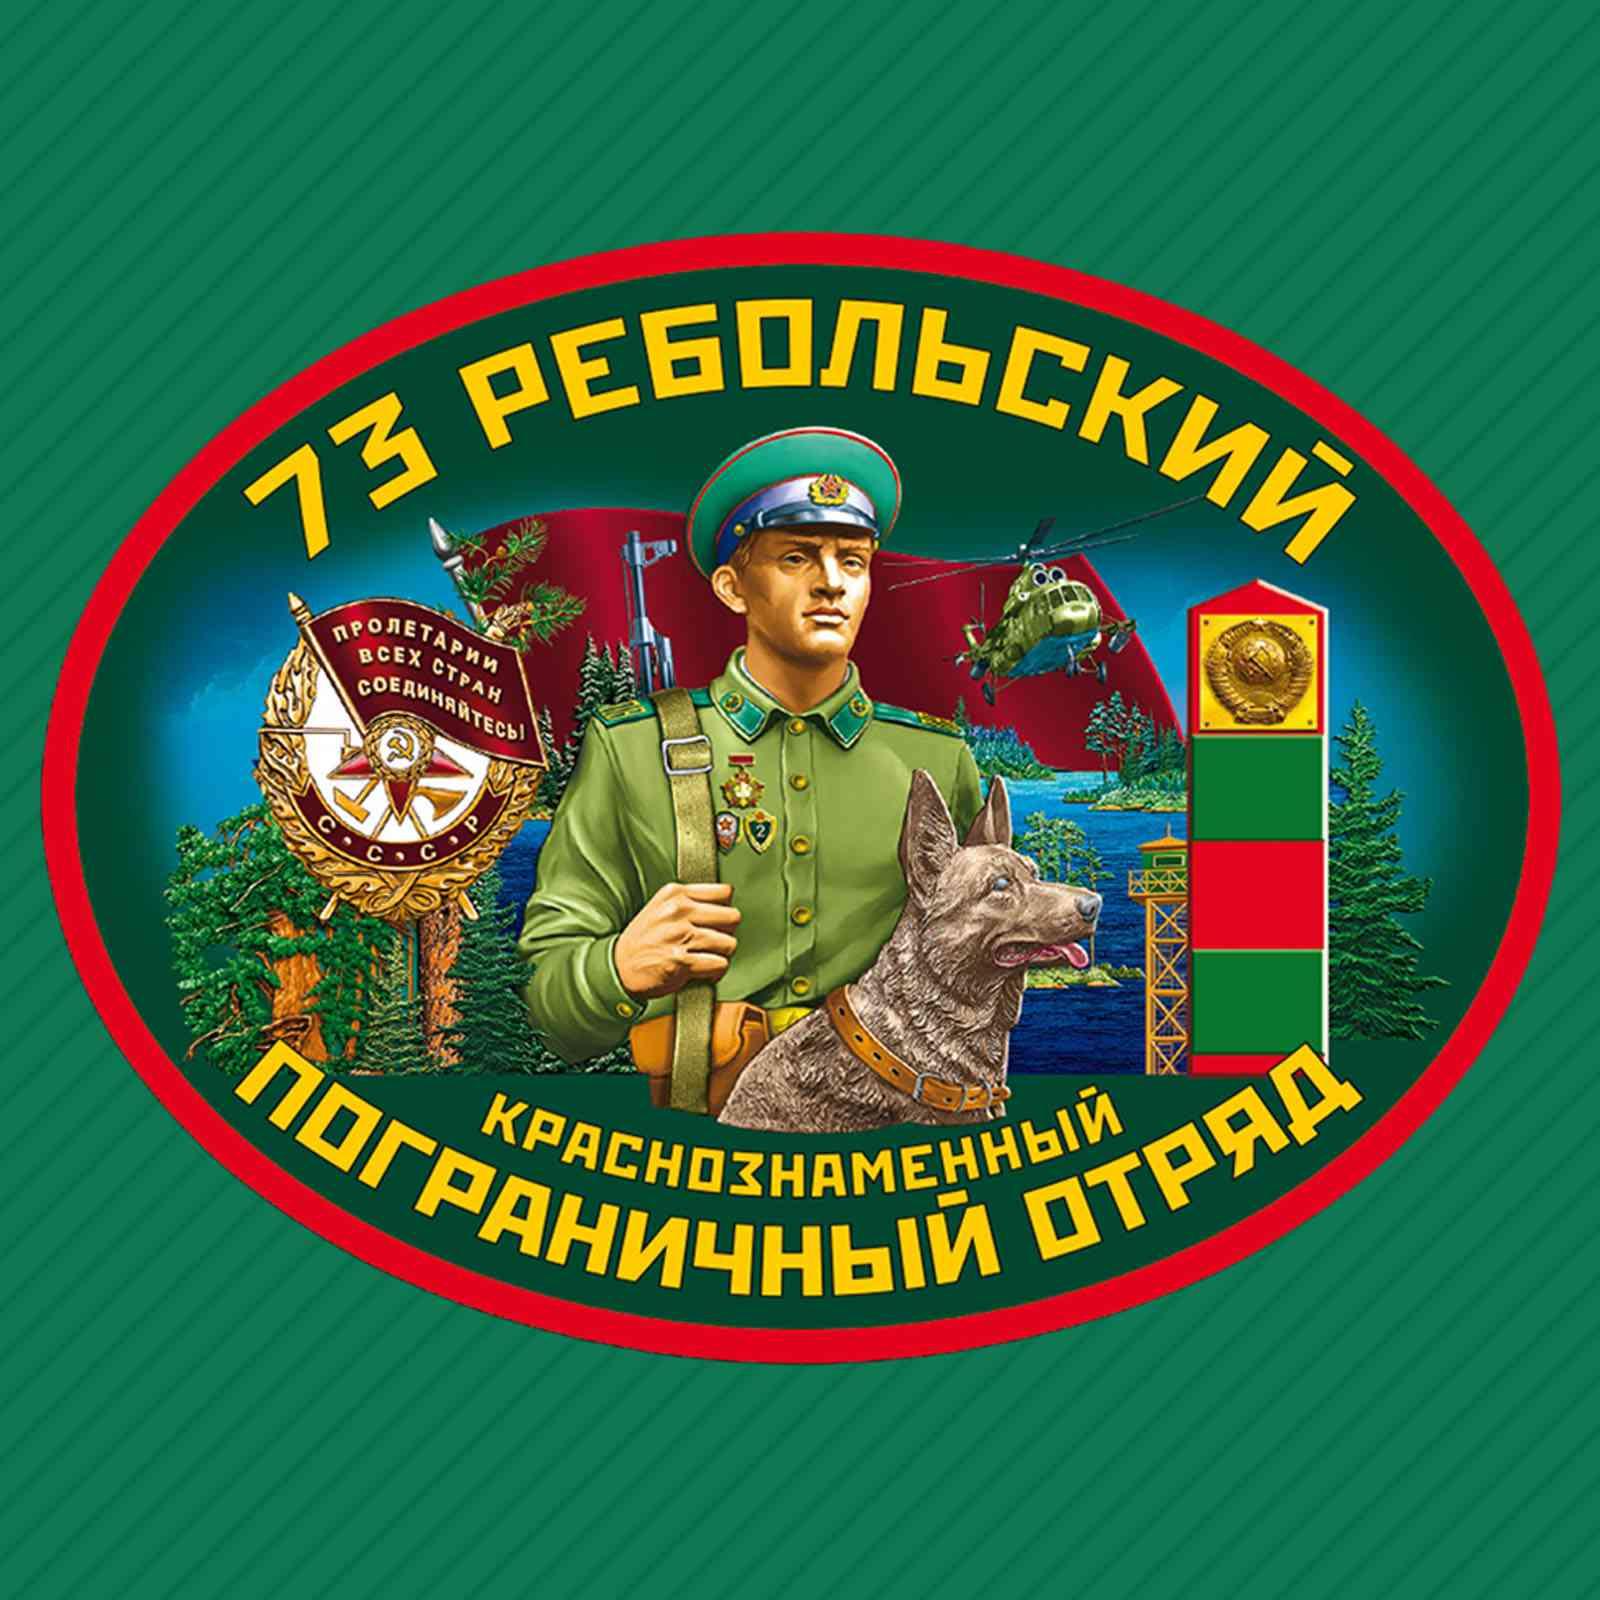 Кепка с трансфером 73 Ребольского пограничного отряда